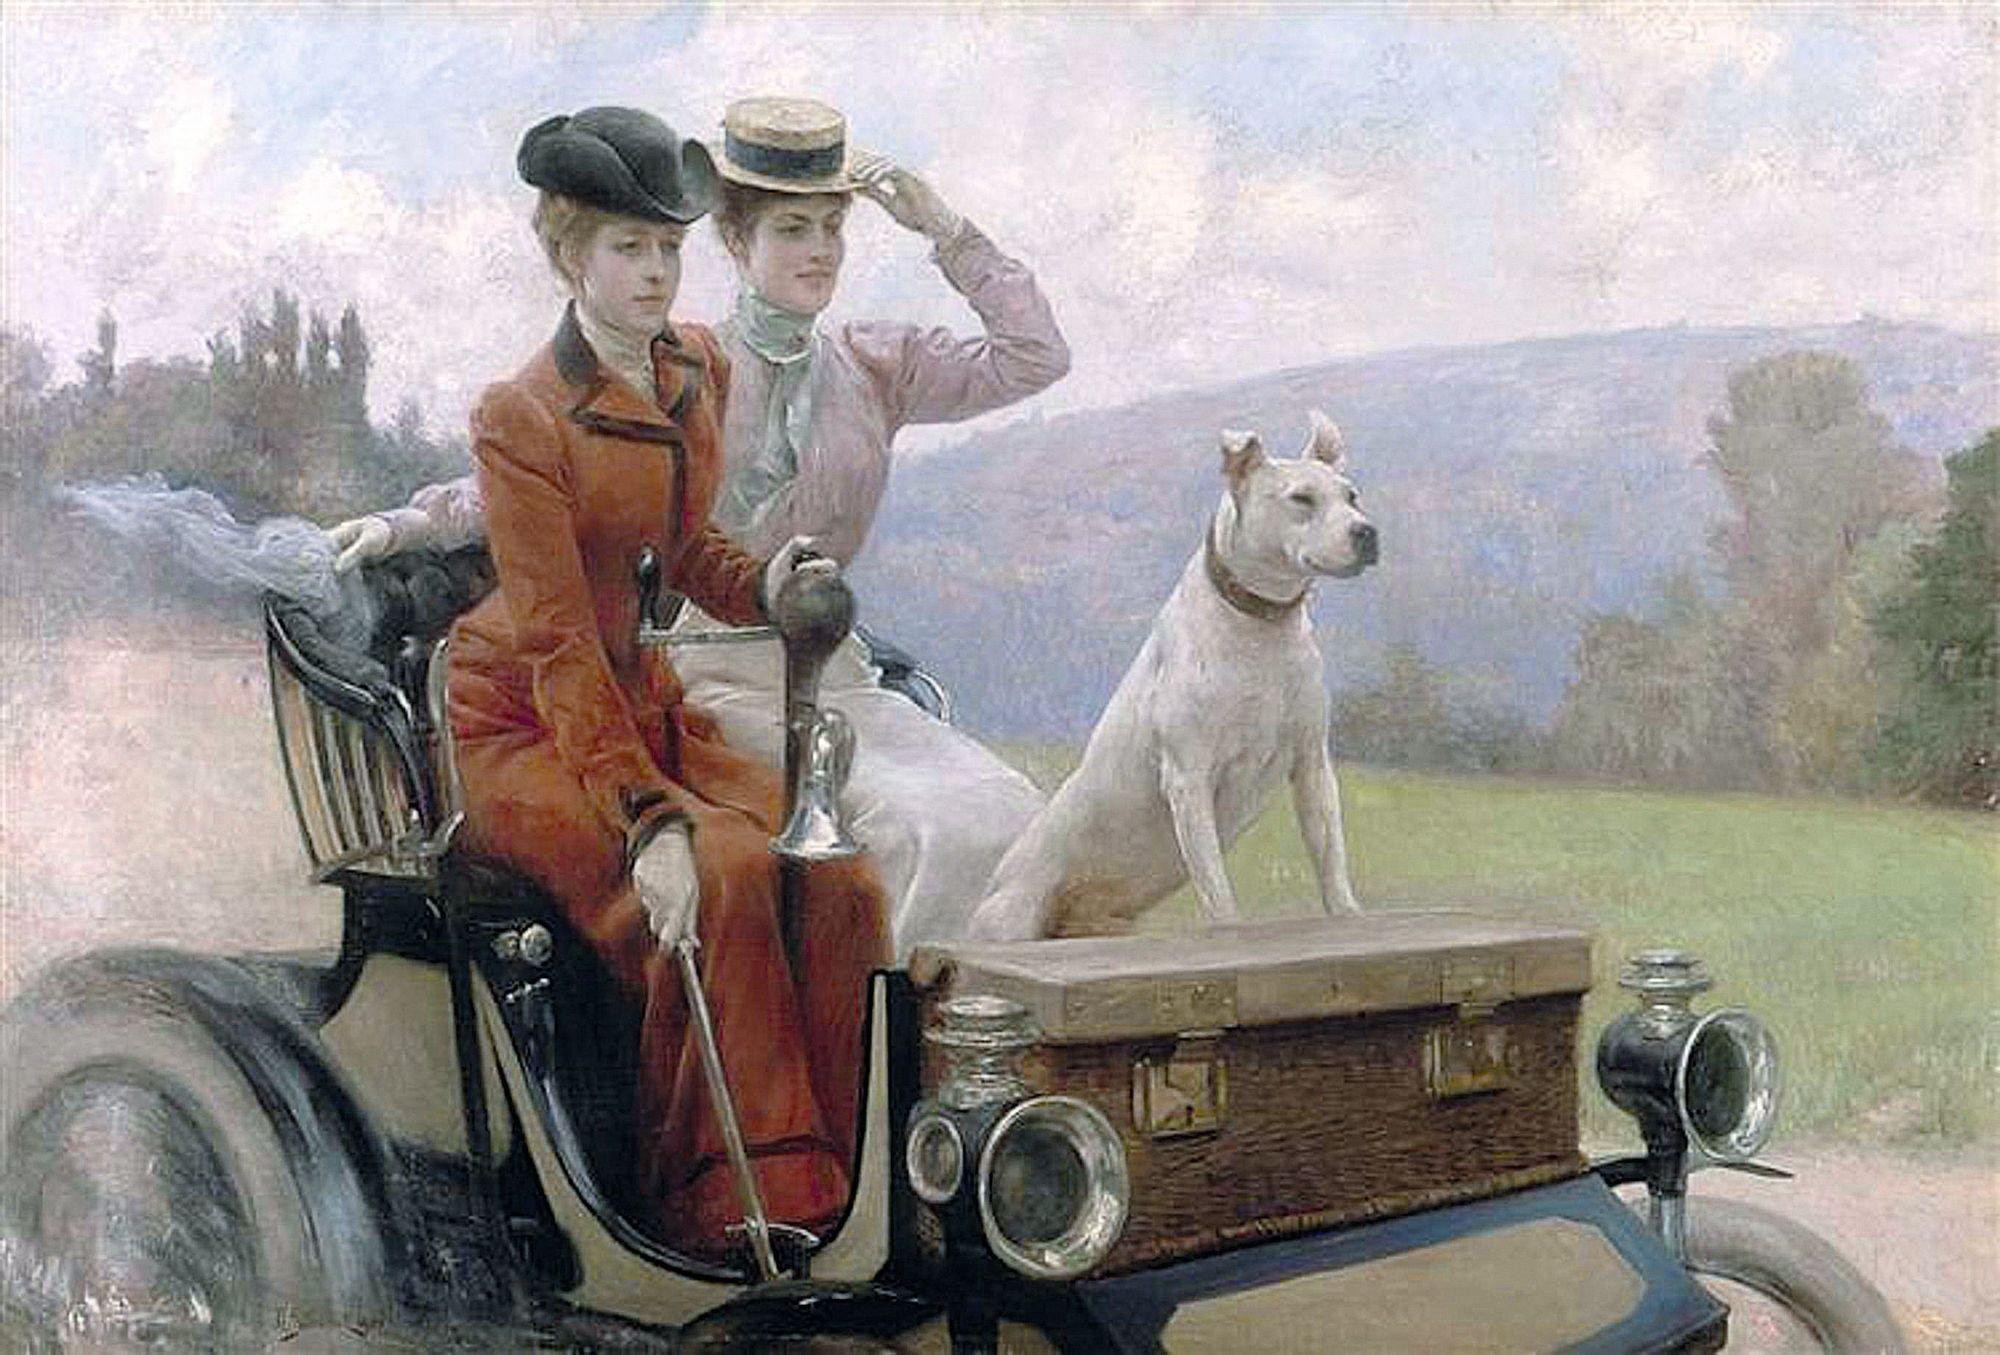 Julius LeBlanc Stewart, Les Dames Goldsmith au bois de Boulogne en 1897 sur une voiture Peugeot